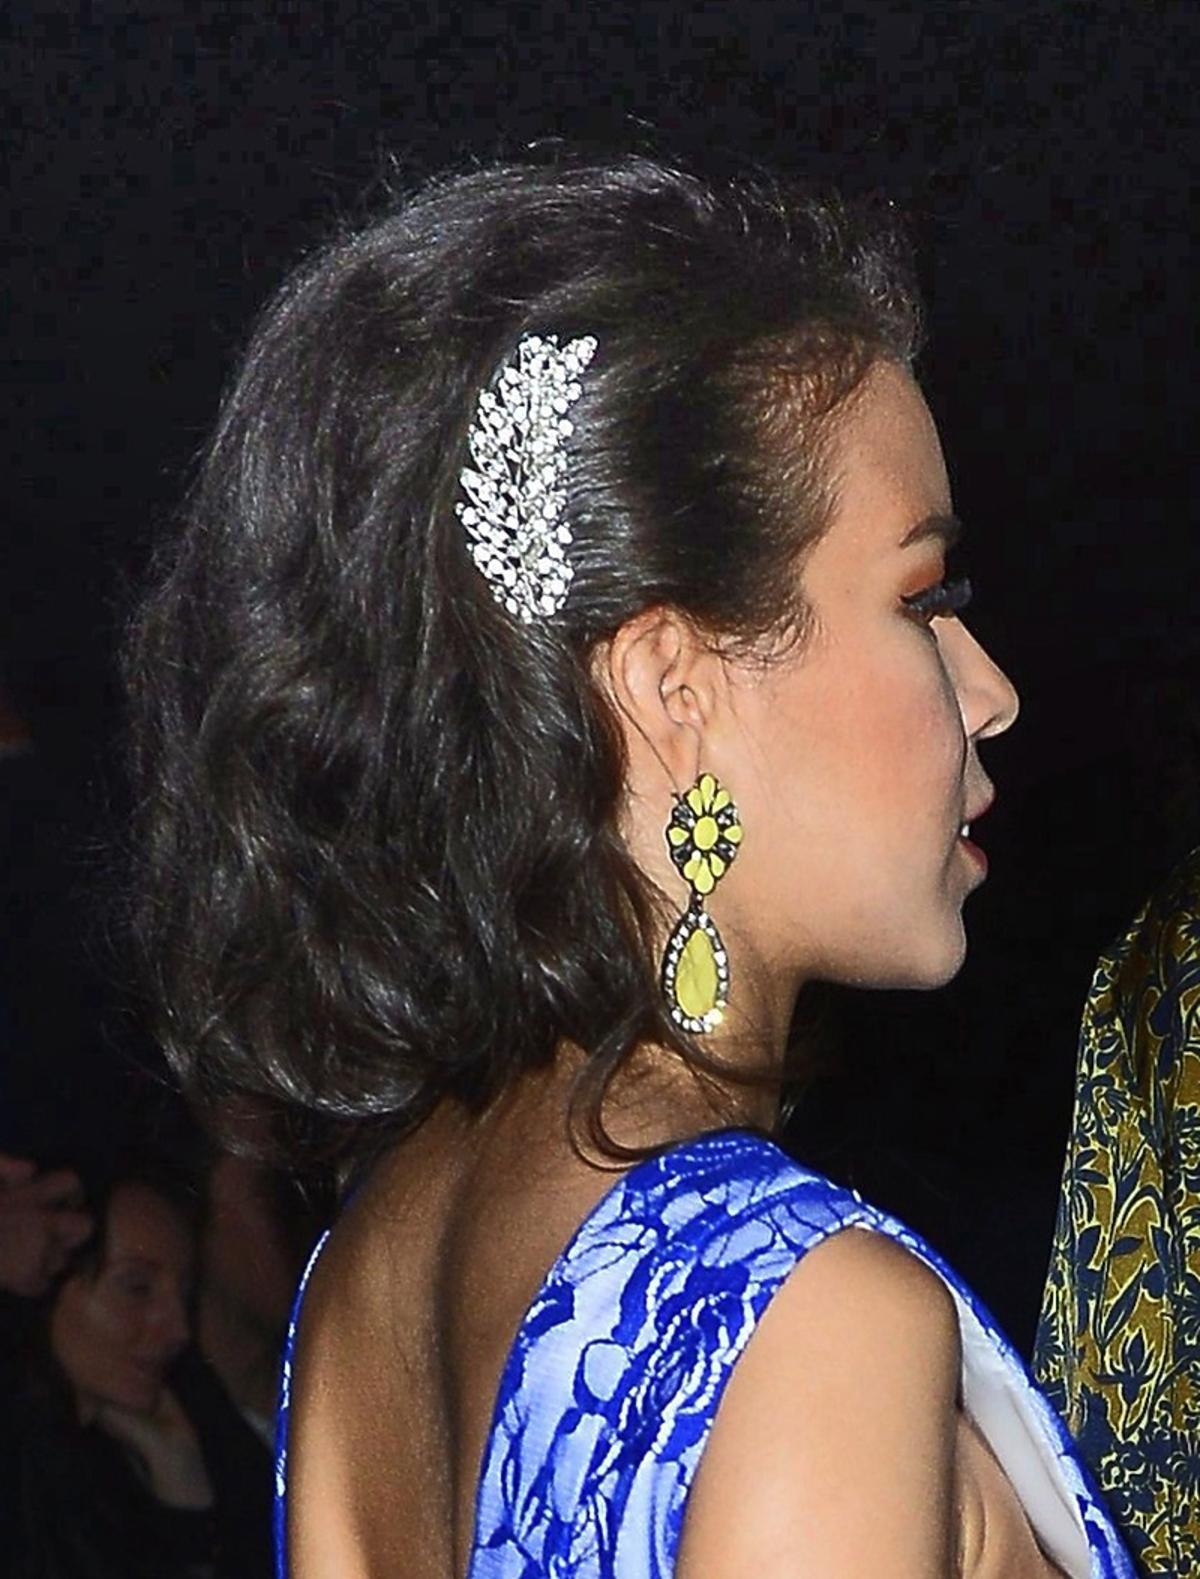 Macademian Girl ze złotymi kolczykami i dużą spinką we włosach